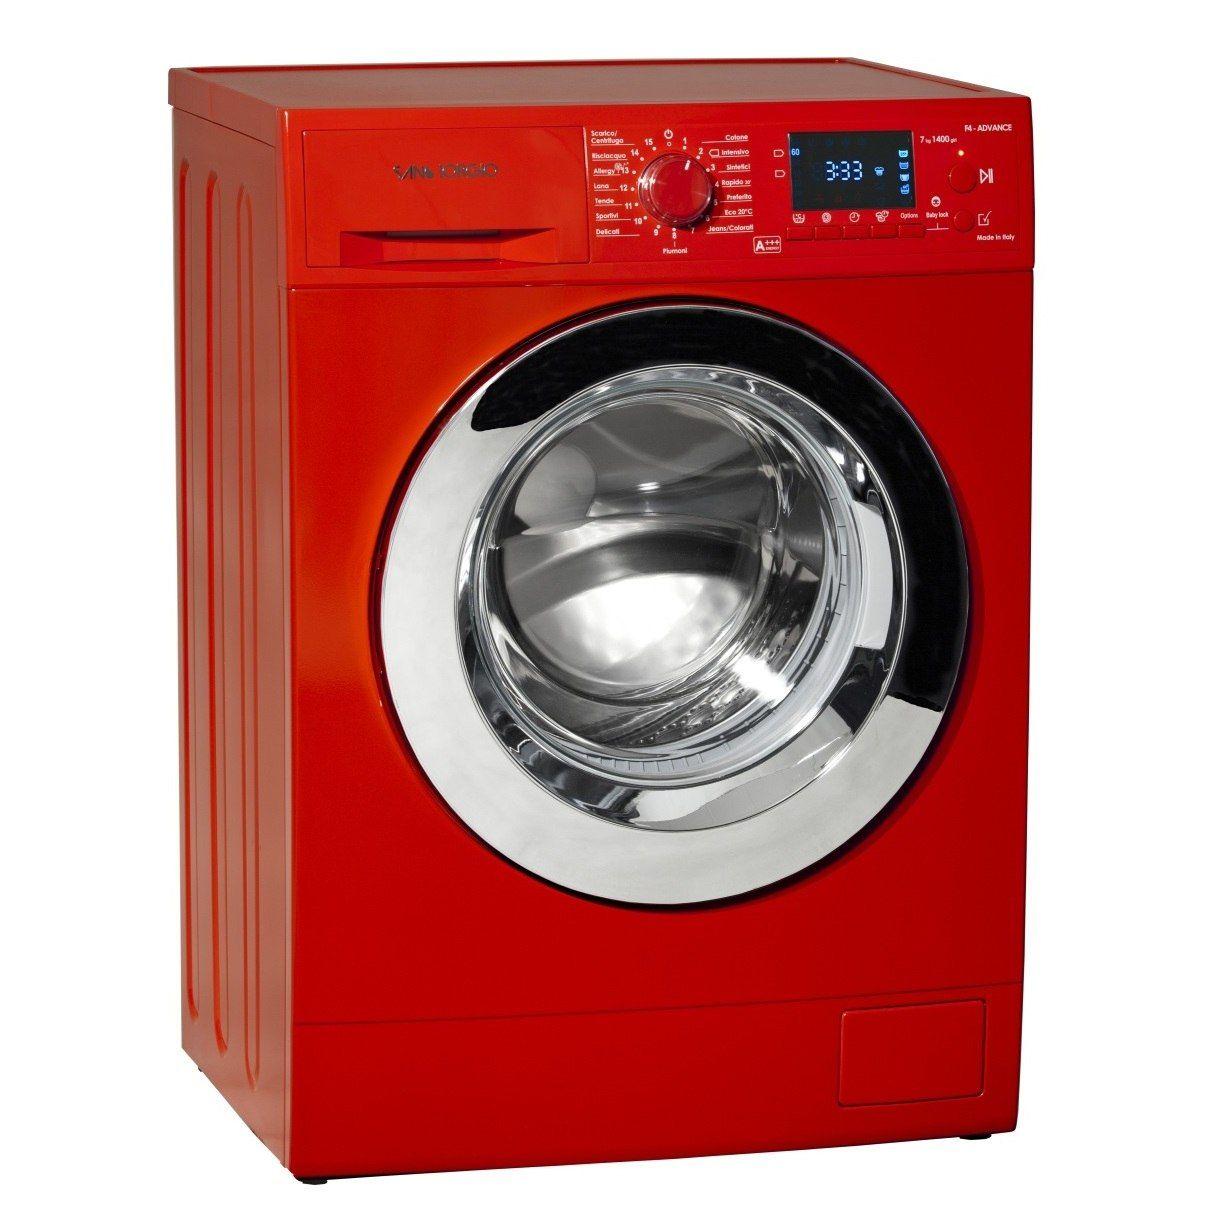 Migliore lavatrice nera top 5 e offerte 2020 (con